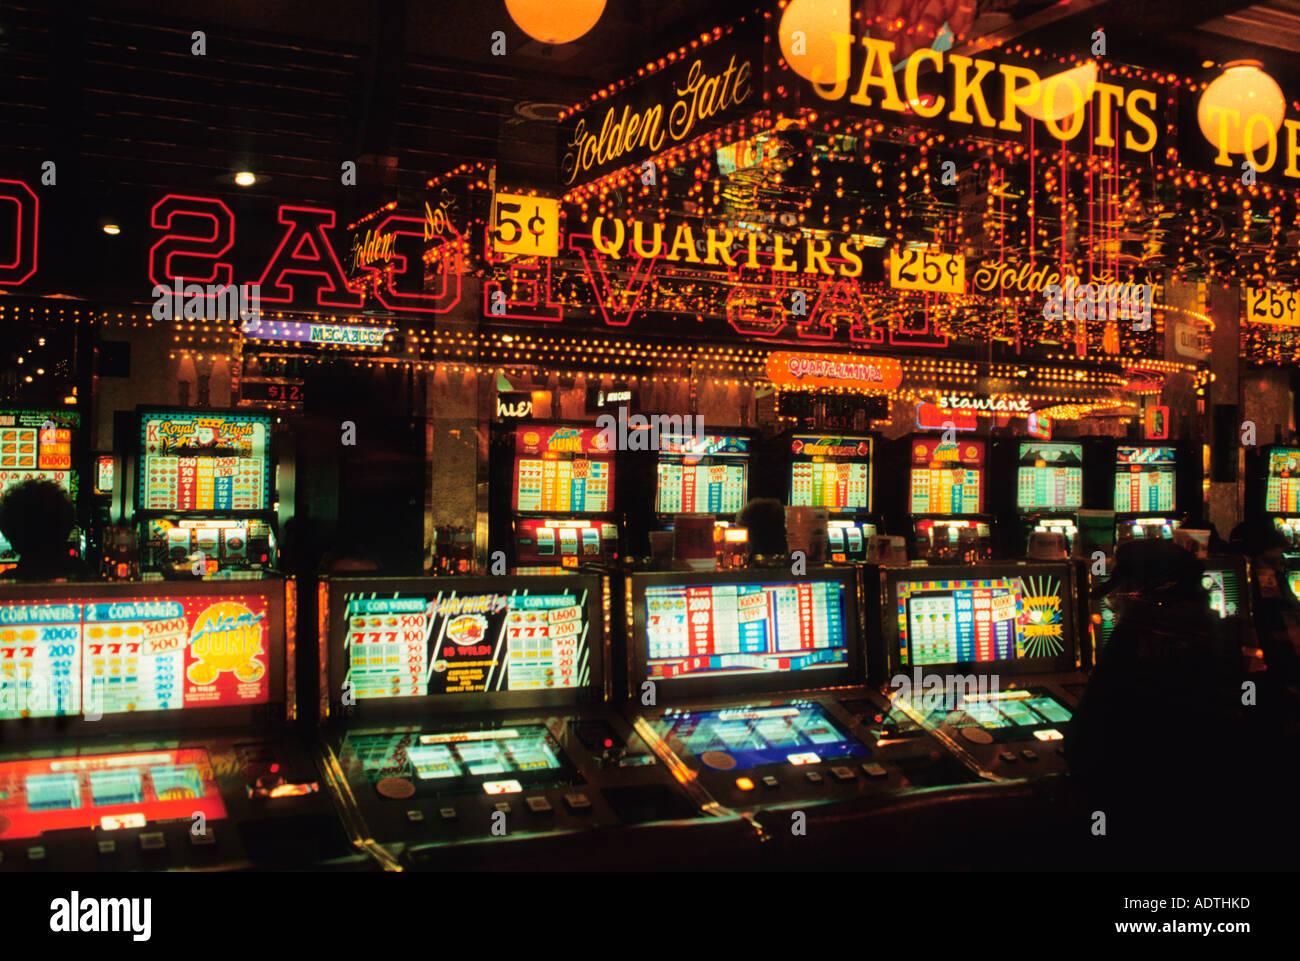 Merkur24 - kostenlose Casino Spiele im Spielautomaten Online Casino